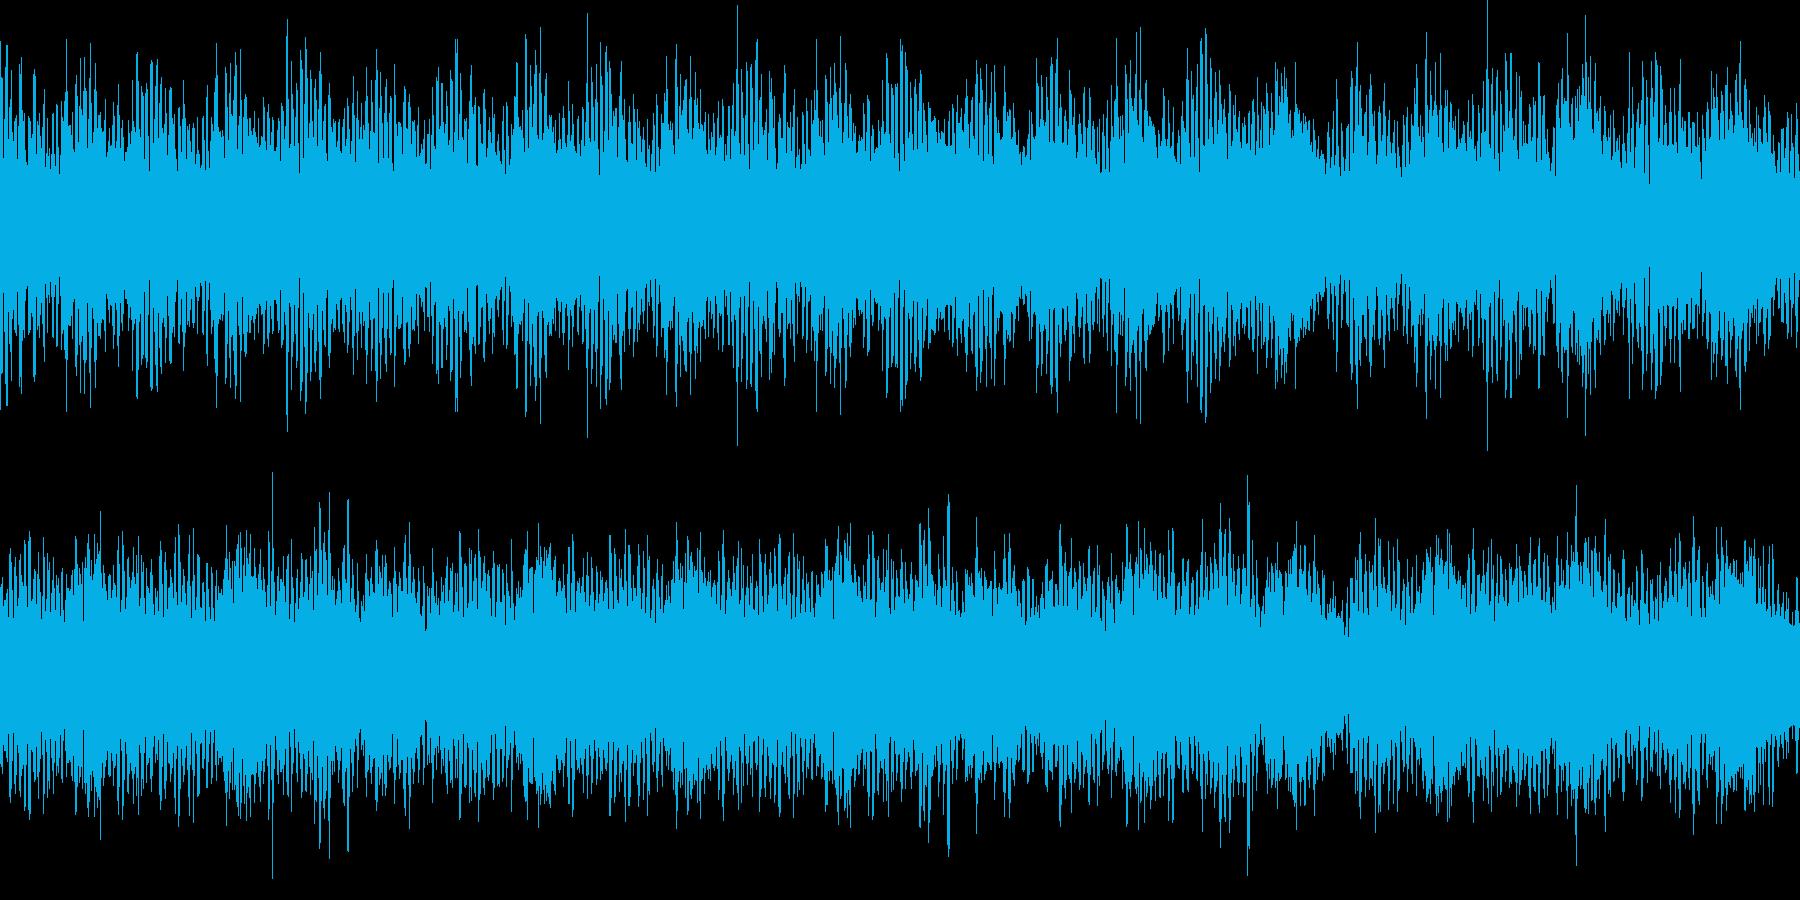 透明感のあるキラキラとしたループ音源の再生済みの波形